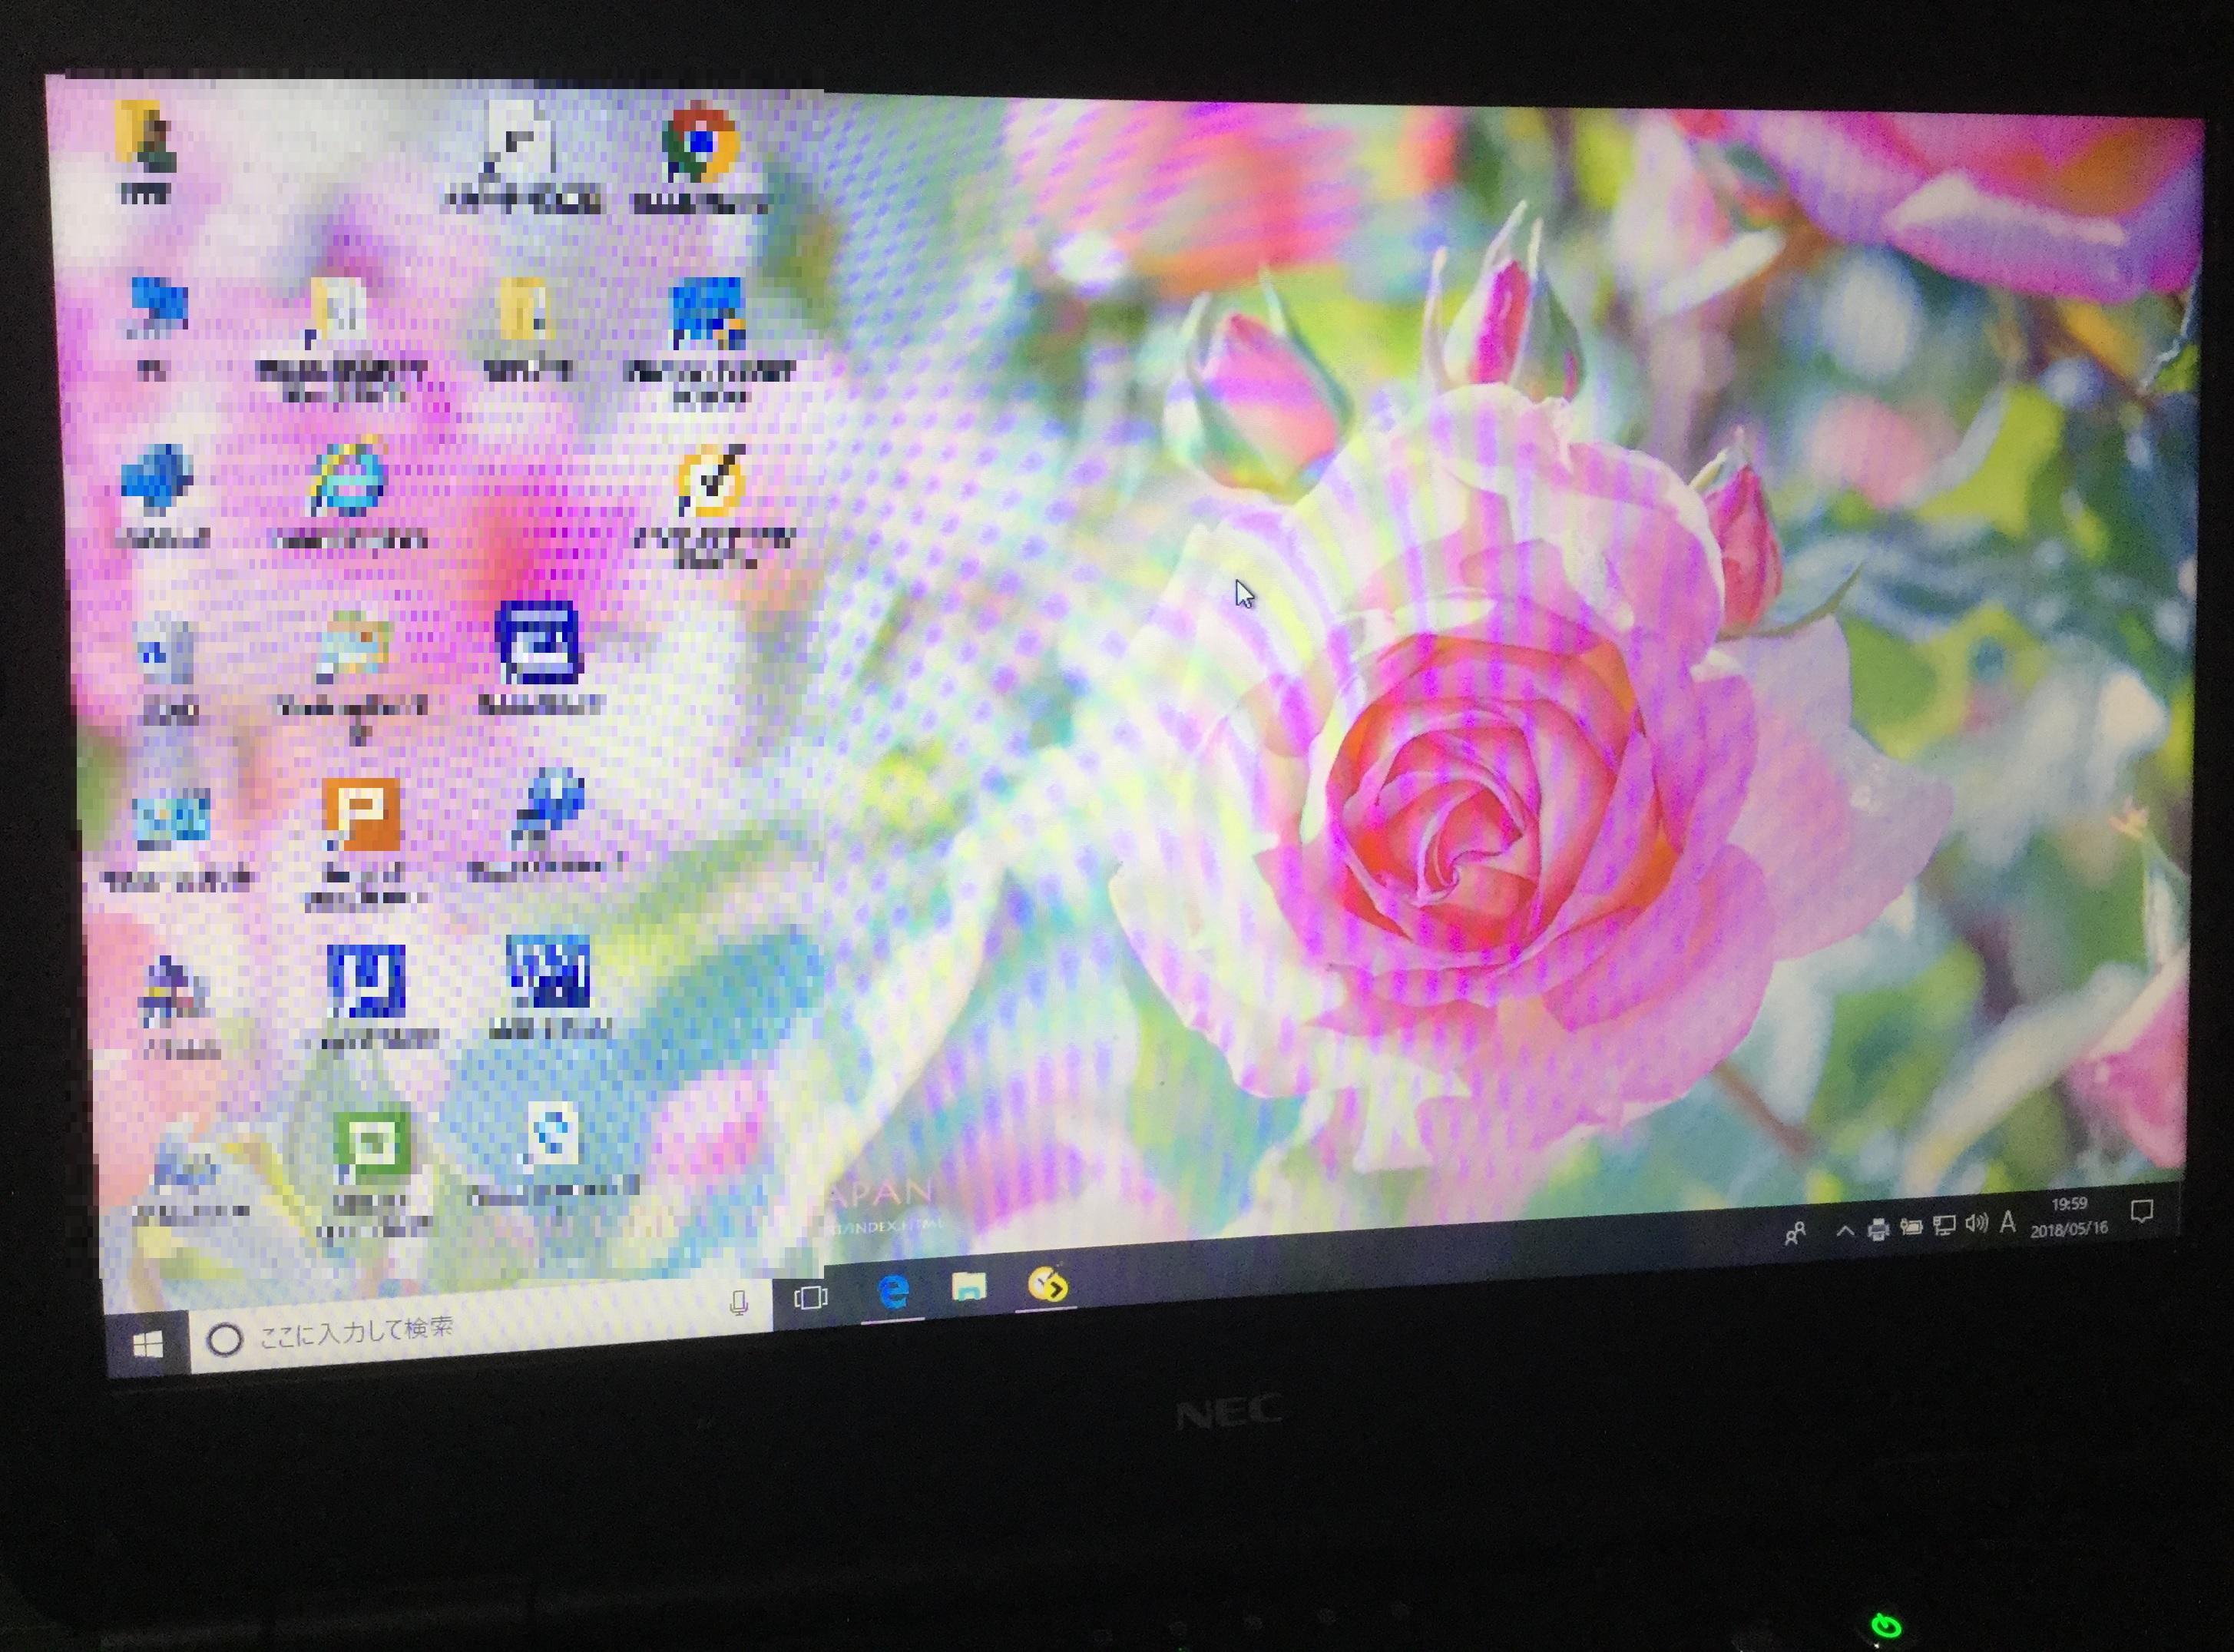 千葉県千葉市緑区 ノートパソコンが起動しない/NEC Windows 10のイメージ